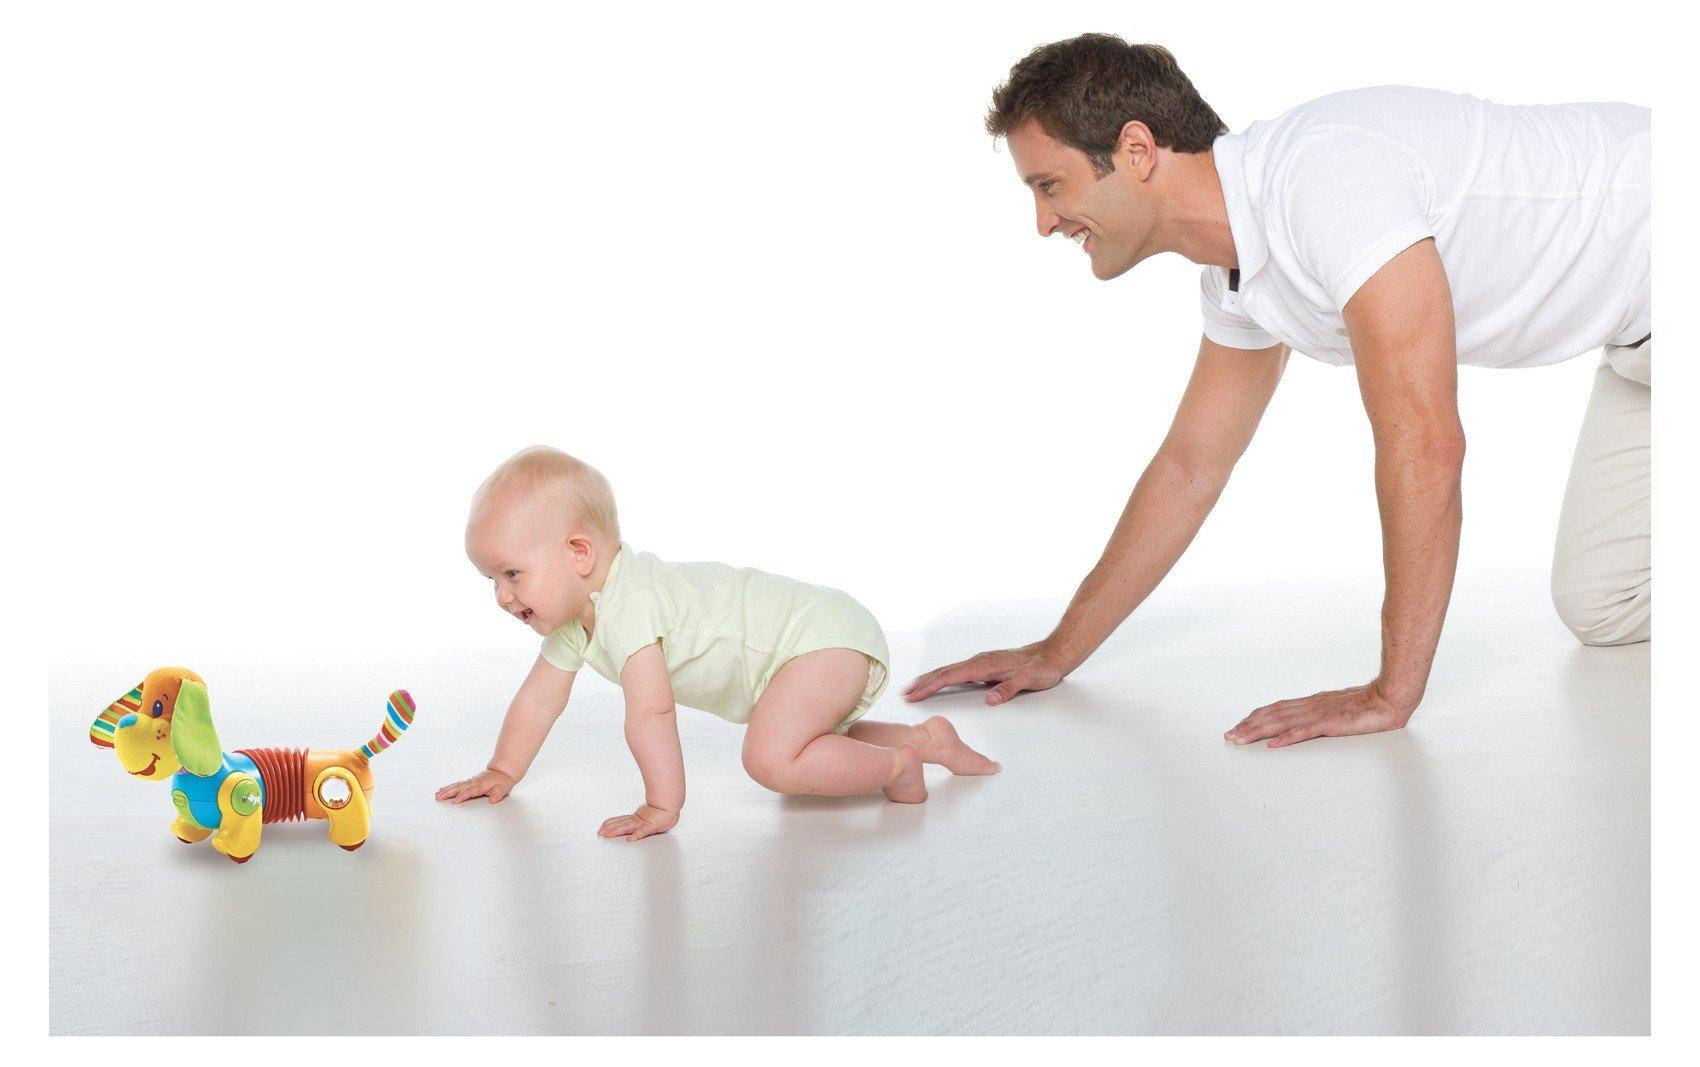 Влияние движения на интеллект ребенка. Как научить ребенка ползать.